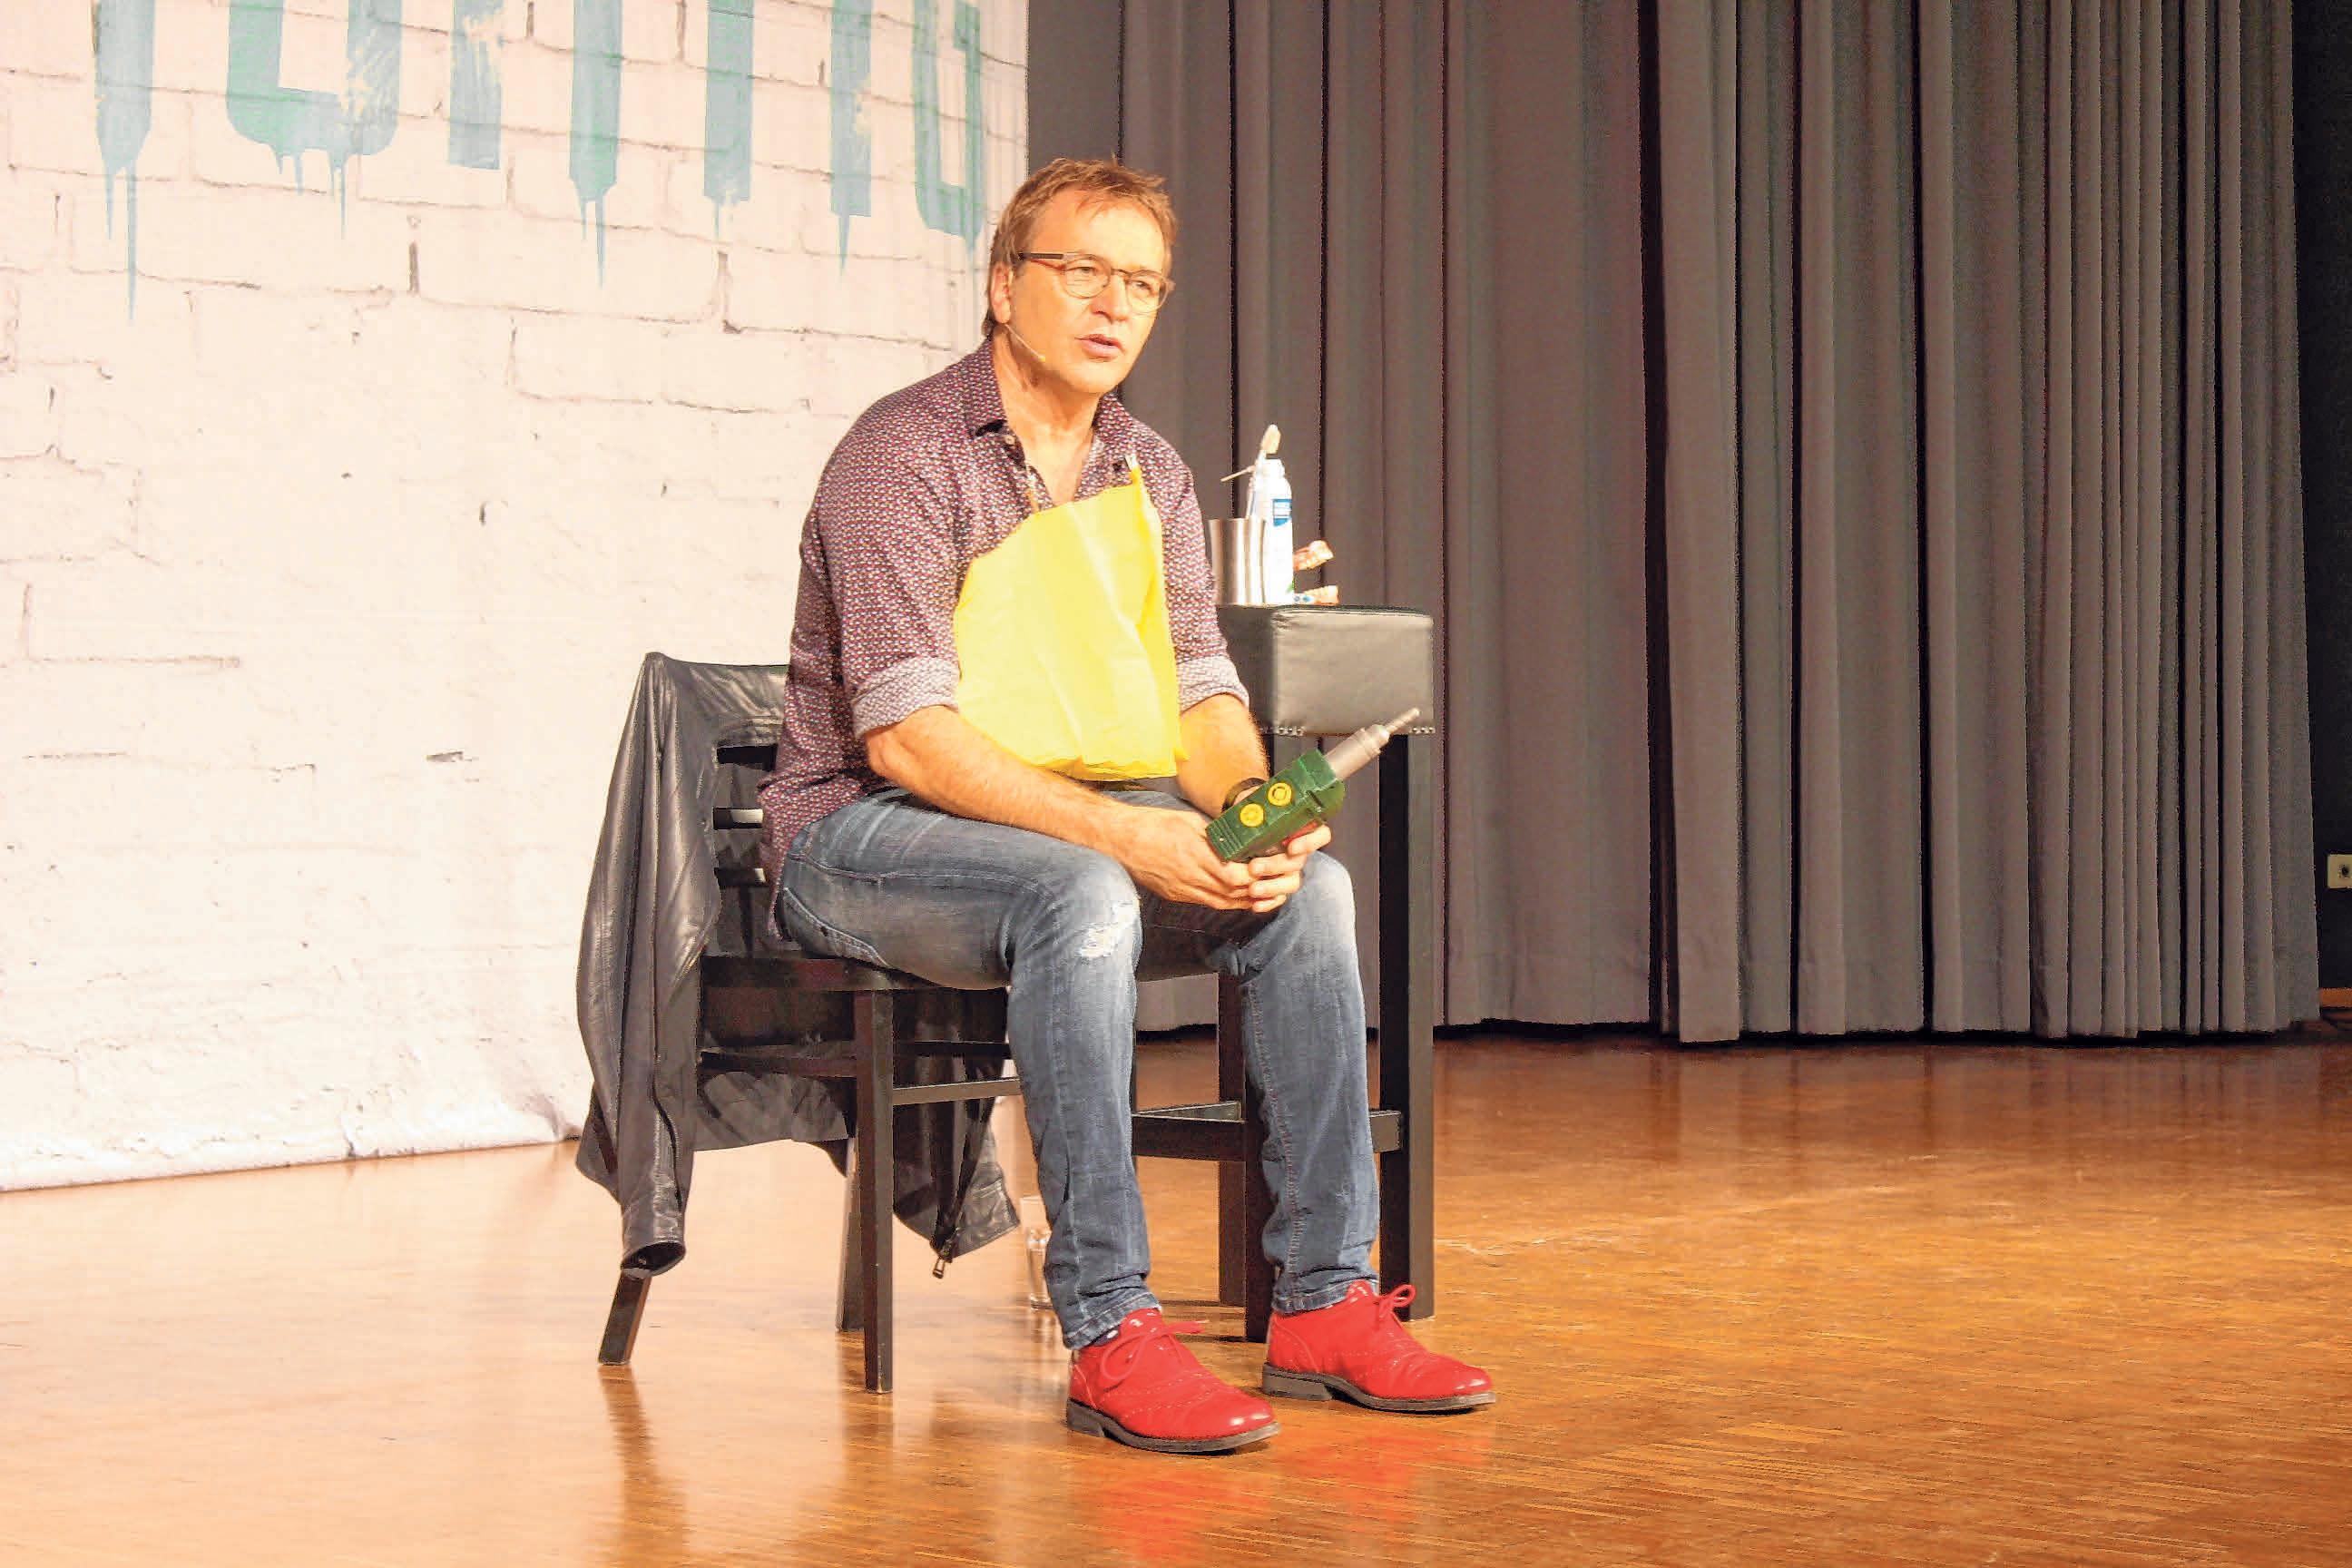 Comedian Heinrich del Core erheitert das Publikum mit Geschichten aus dem Alltag. Selbst aus einem Besuch beim Zahnarzt macht er einen Frontalangriff auf die Lachmuskeln. FOTO: A. SCHMITT